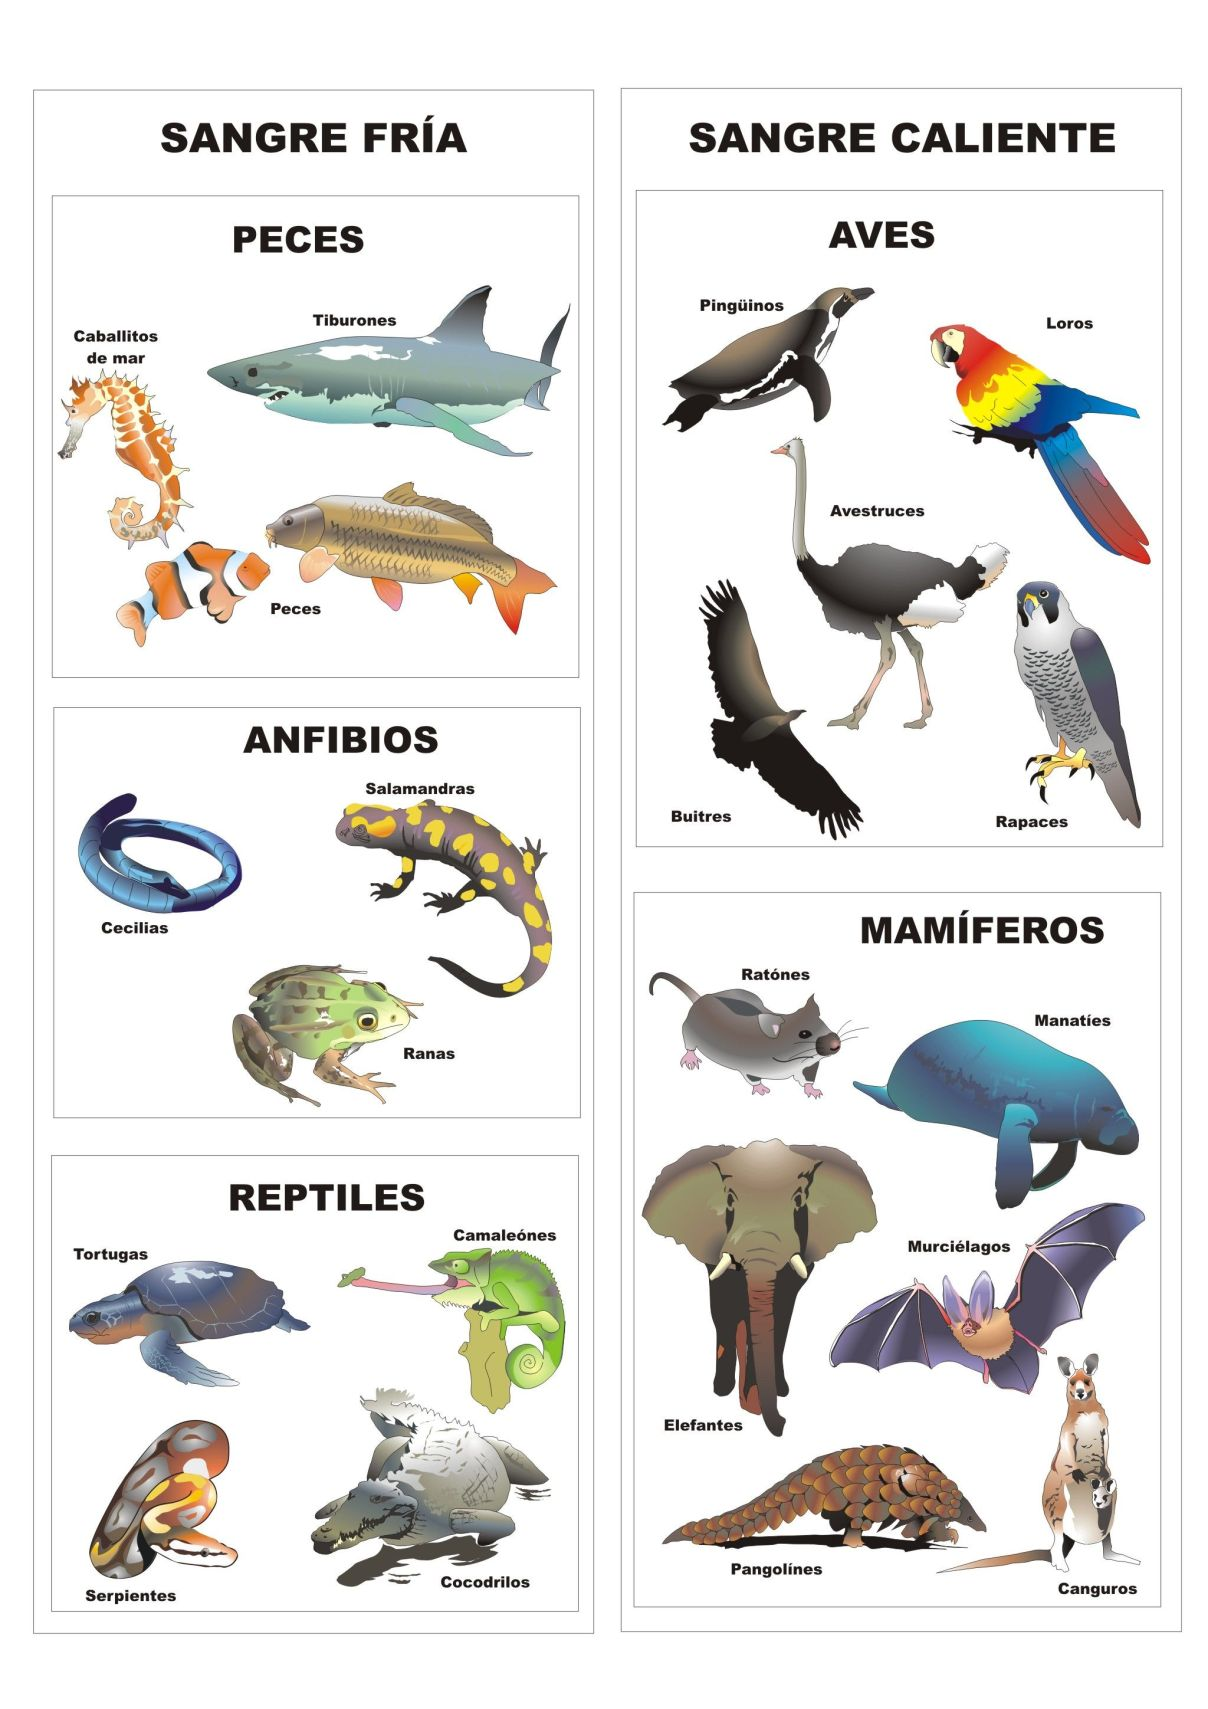 b3c6c24aeb57de253b01829bebee9ef3 - Animales Vertebrados Definición